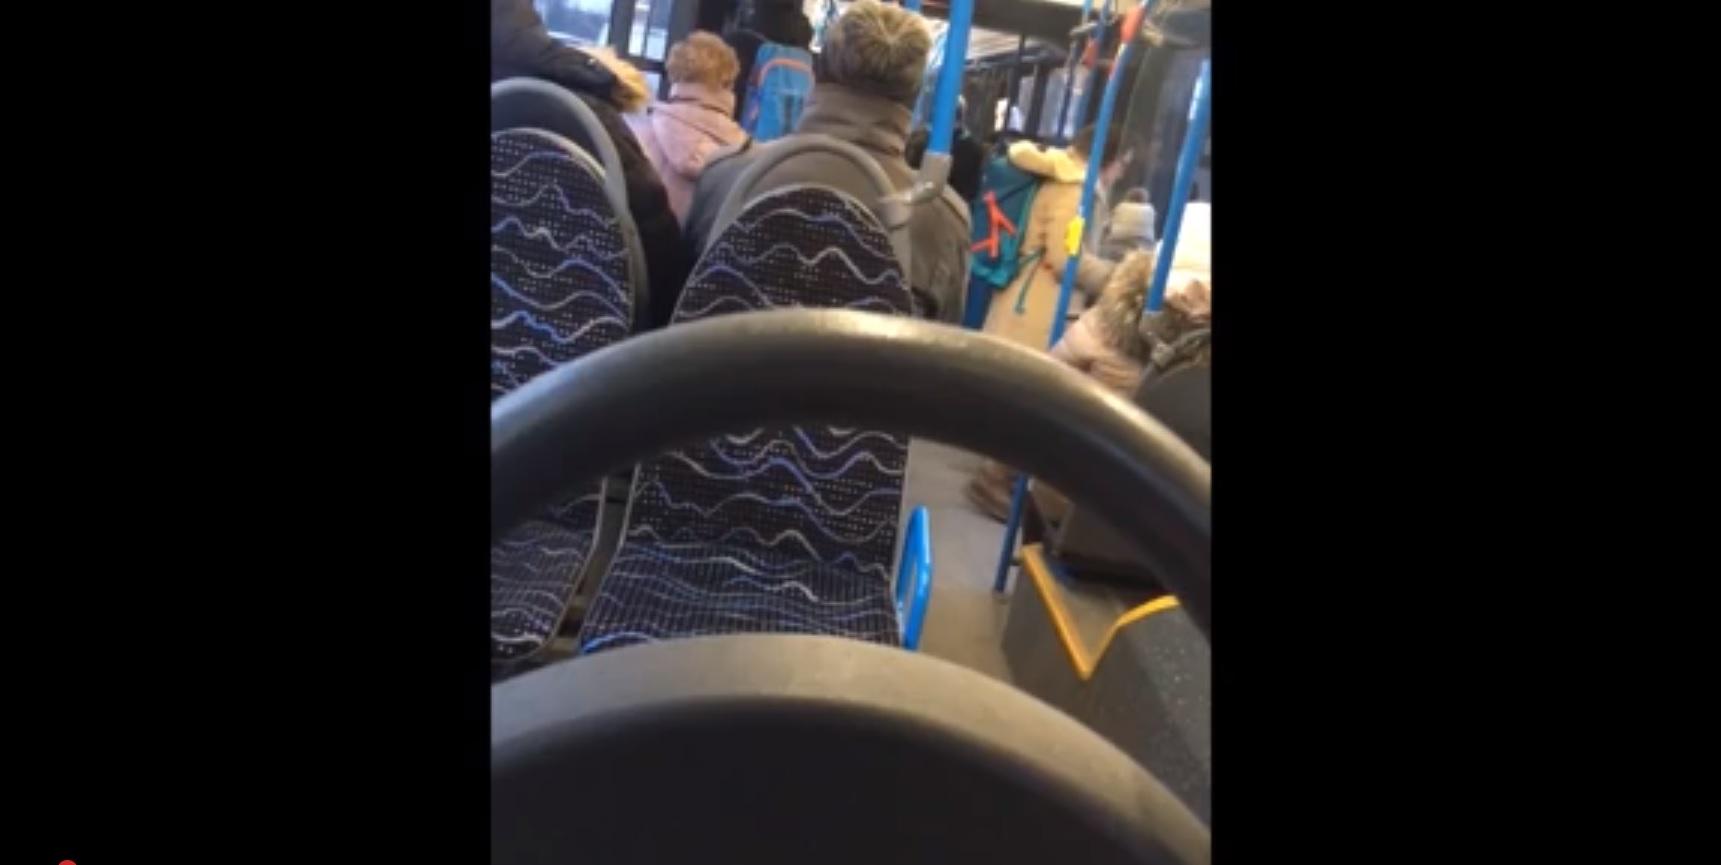 Járjunk tömegközlekedéssel mi? Hatalmas lyuk tátongott a 45-ös busz padlóján!